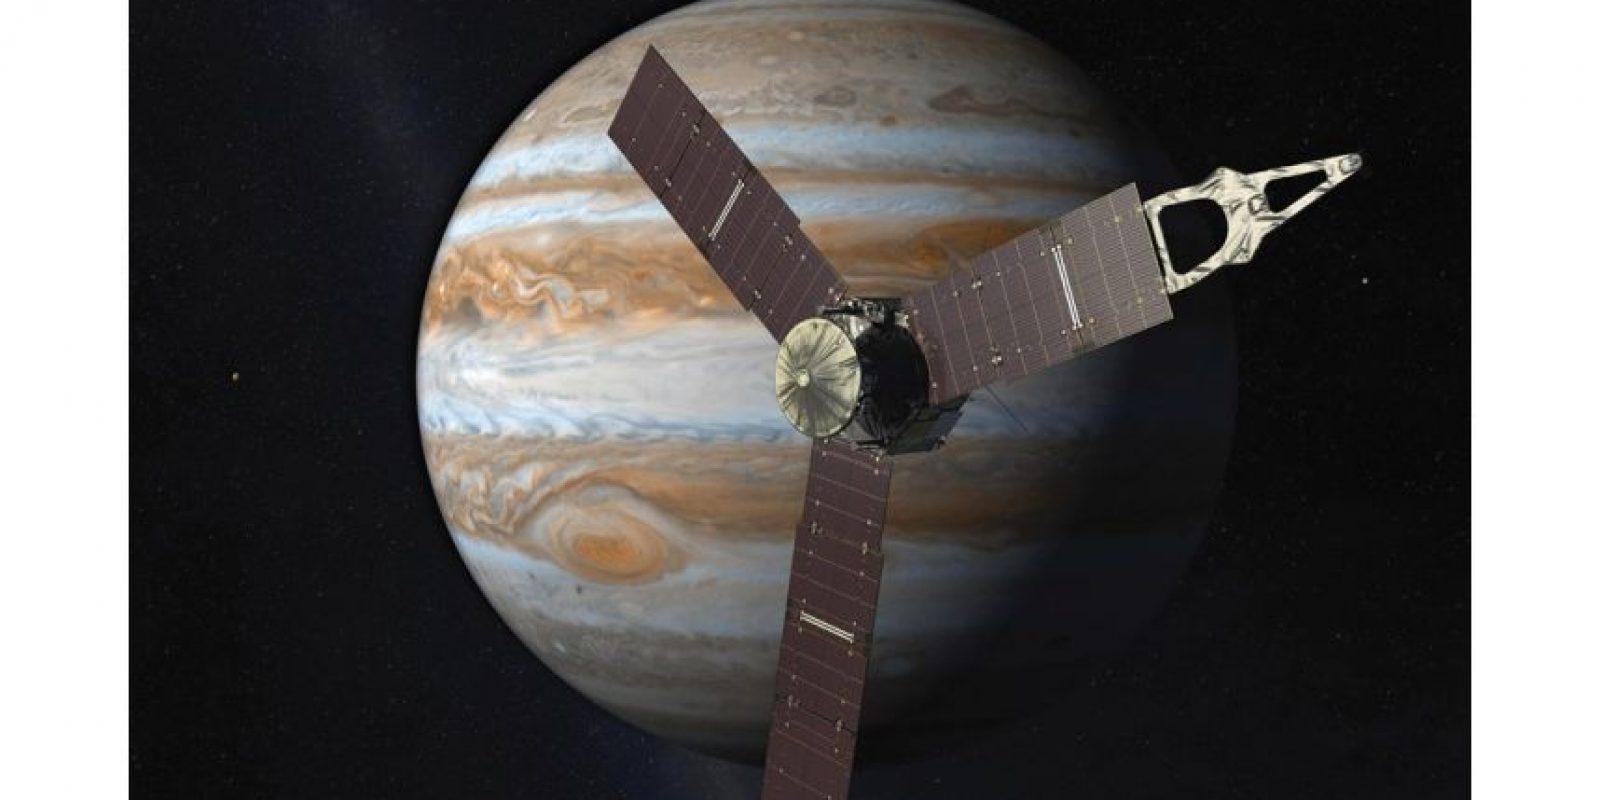 Así es como en julio podría verse Juno al lado de Júpiter. / Credit: NASA